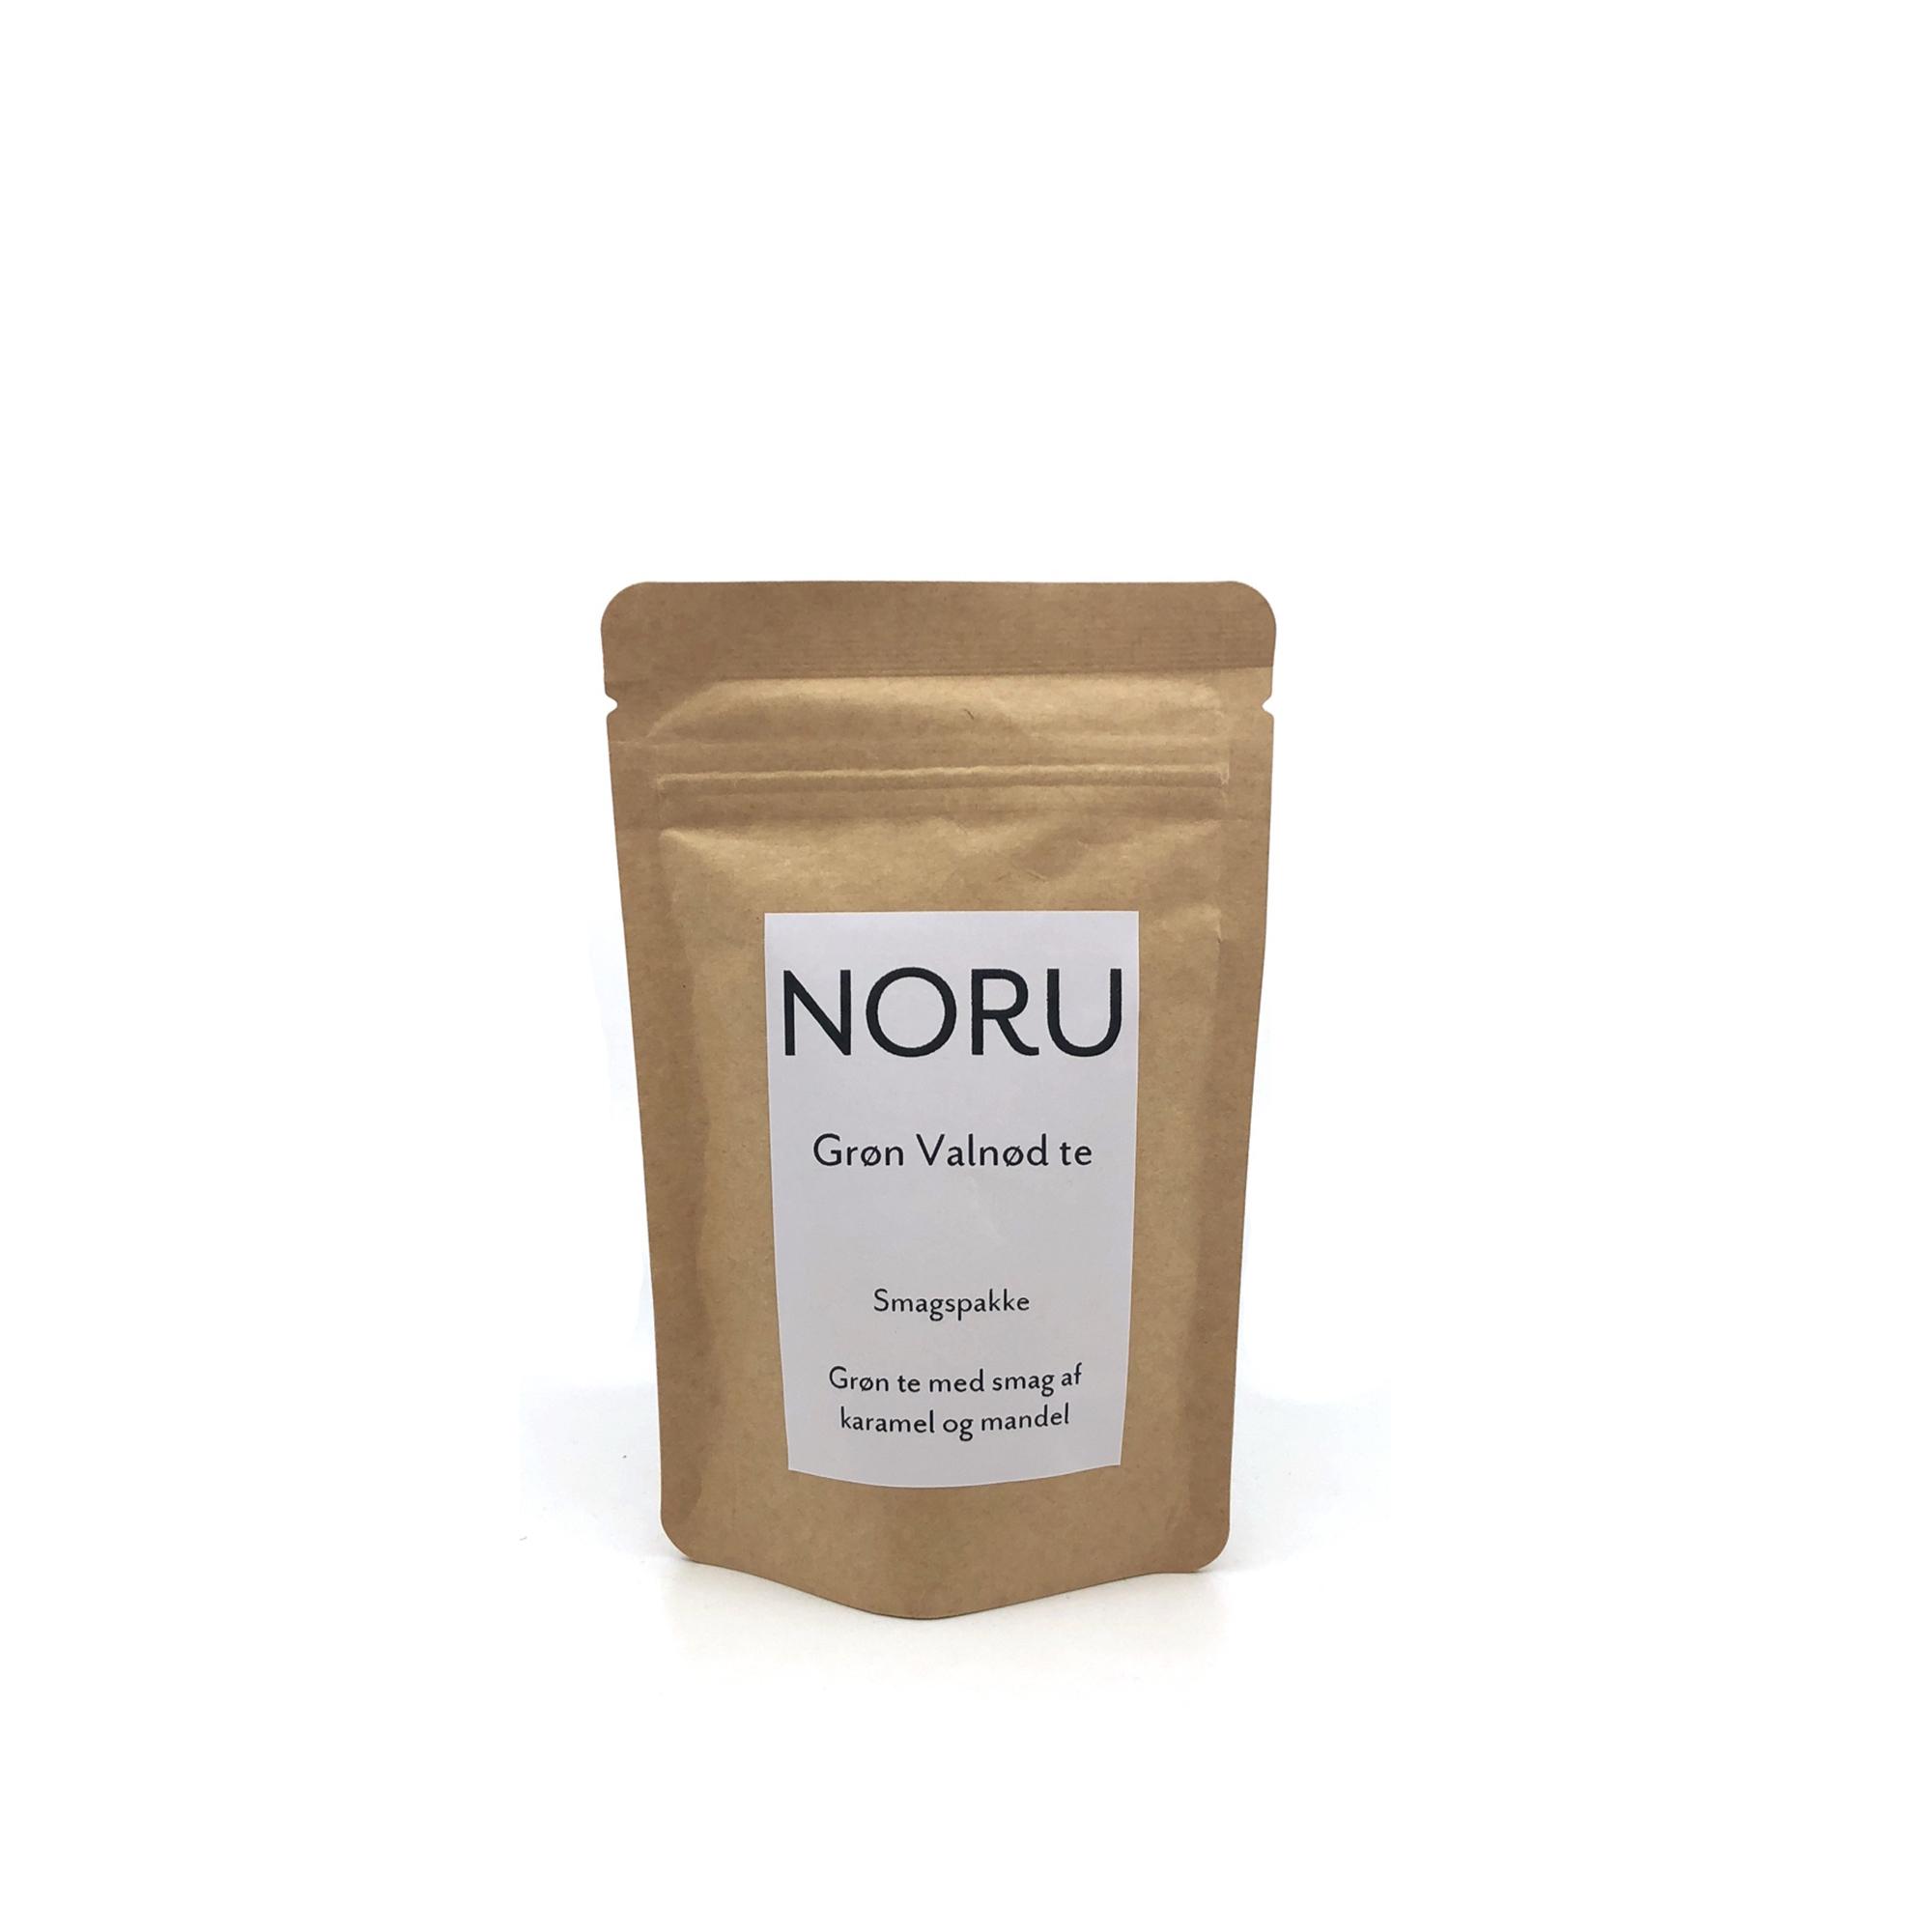 Billede af NORU, Grøn Valnød te - smagsprøve